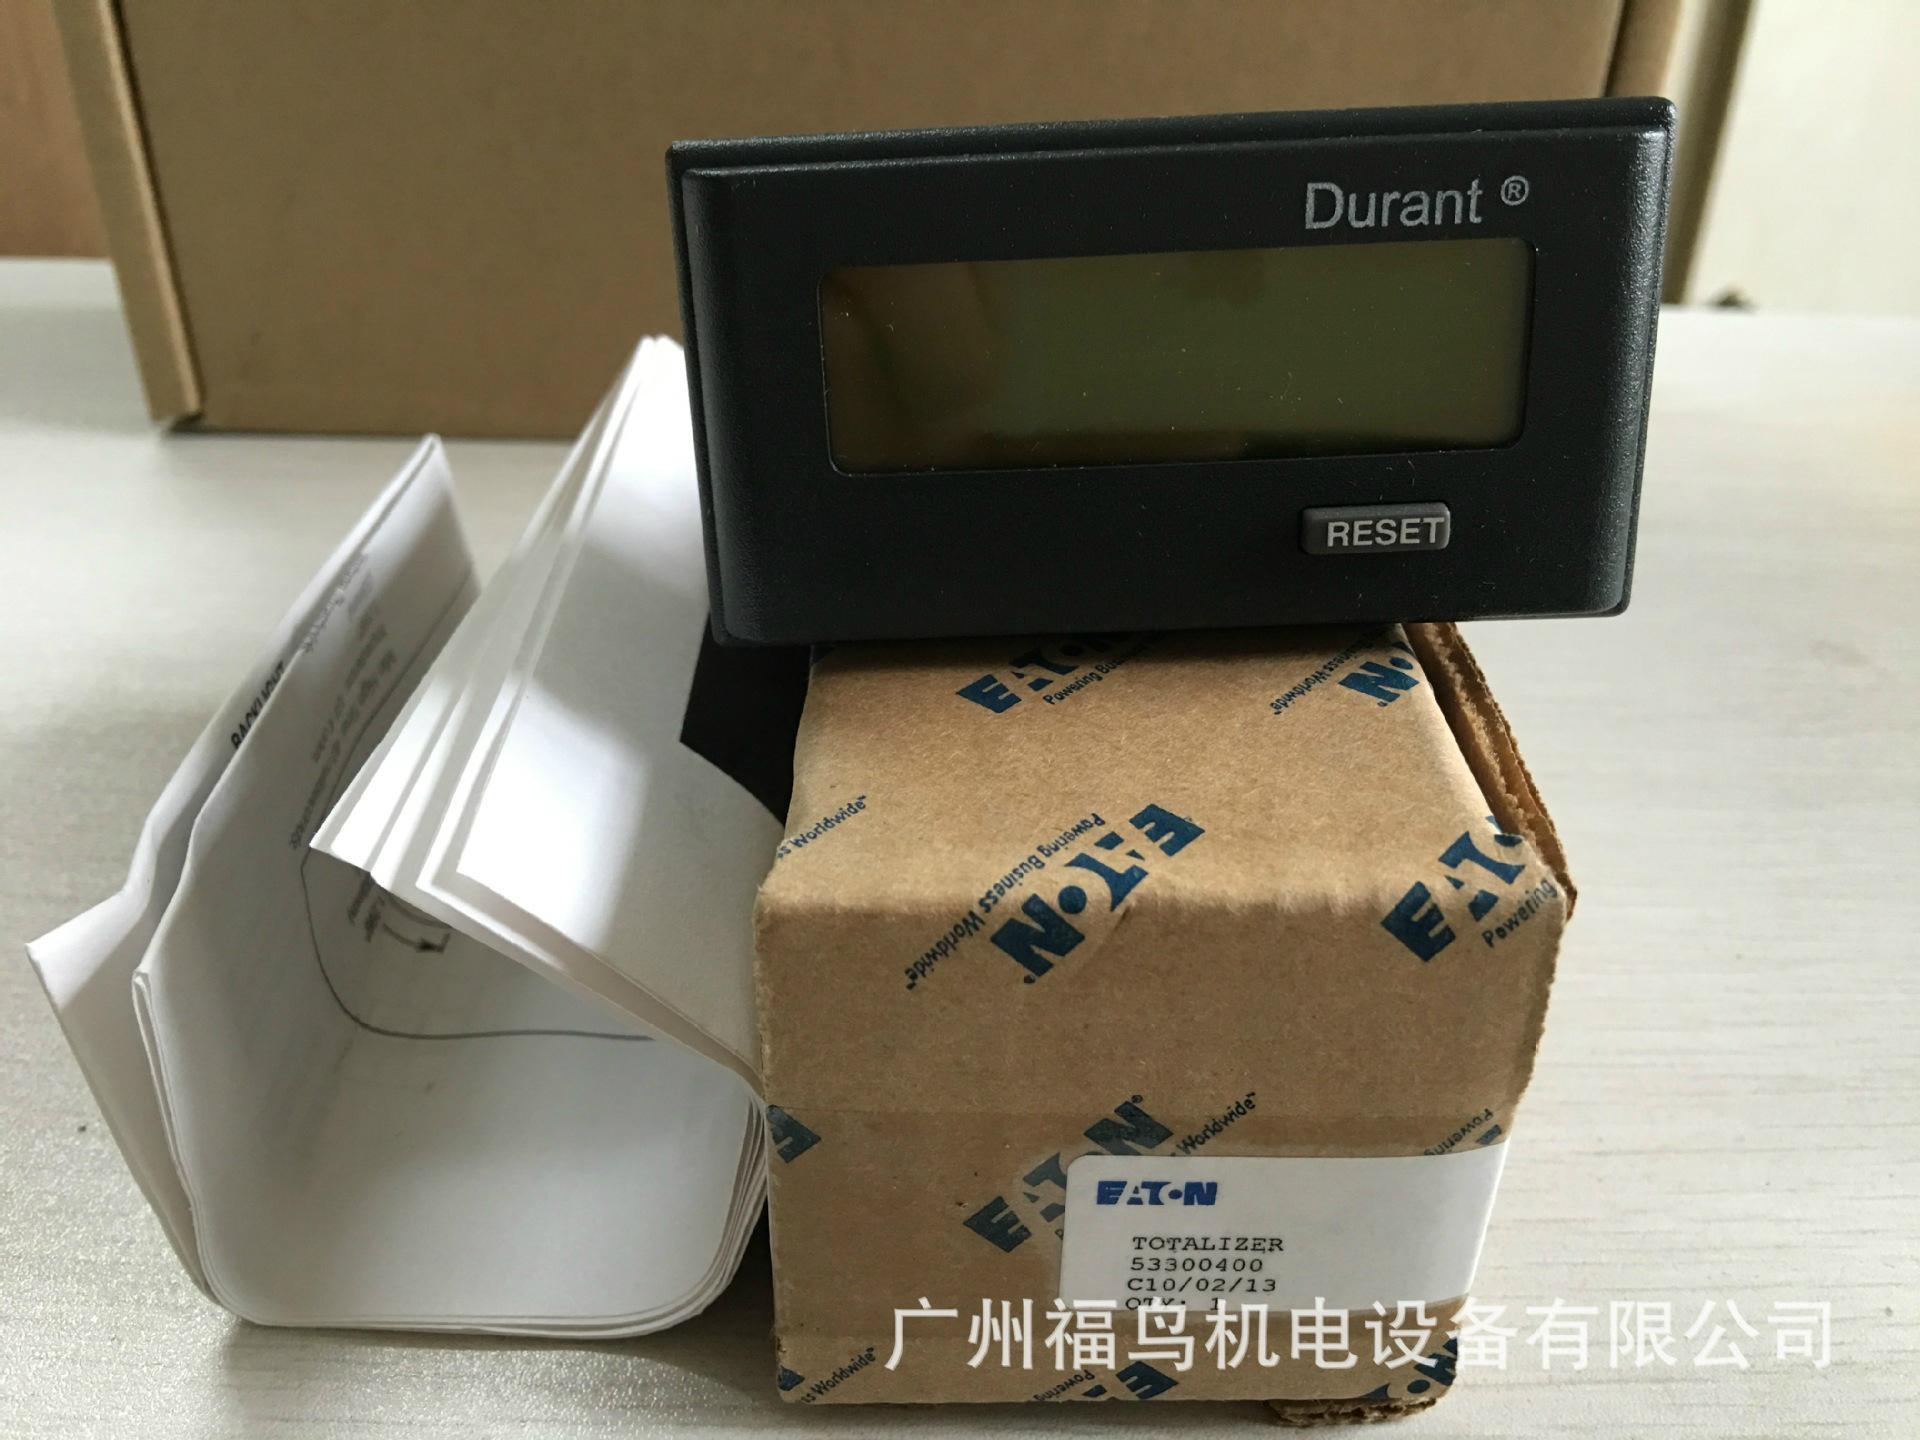 DURANT计数器, 型号: 53300400